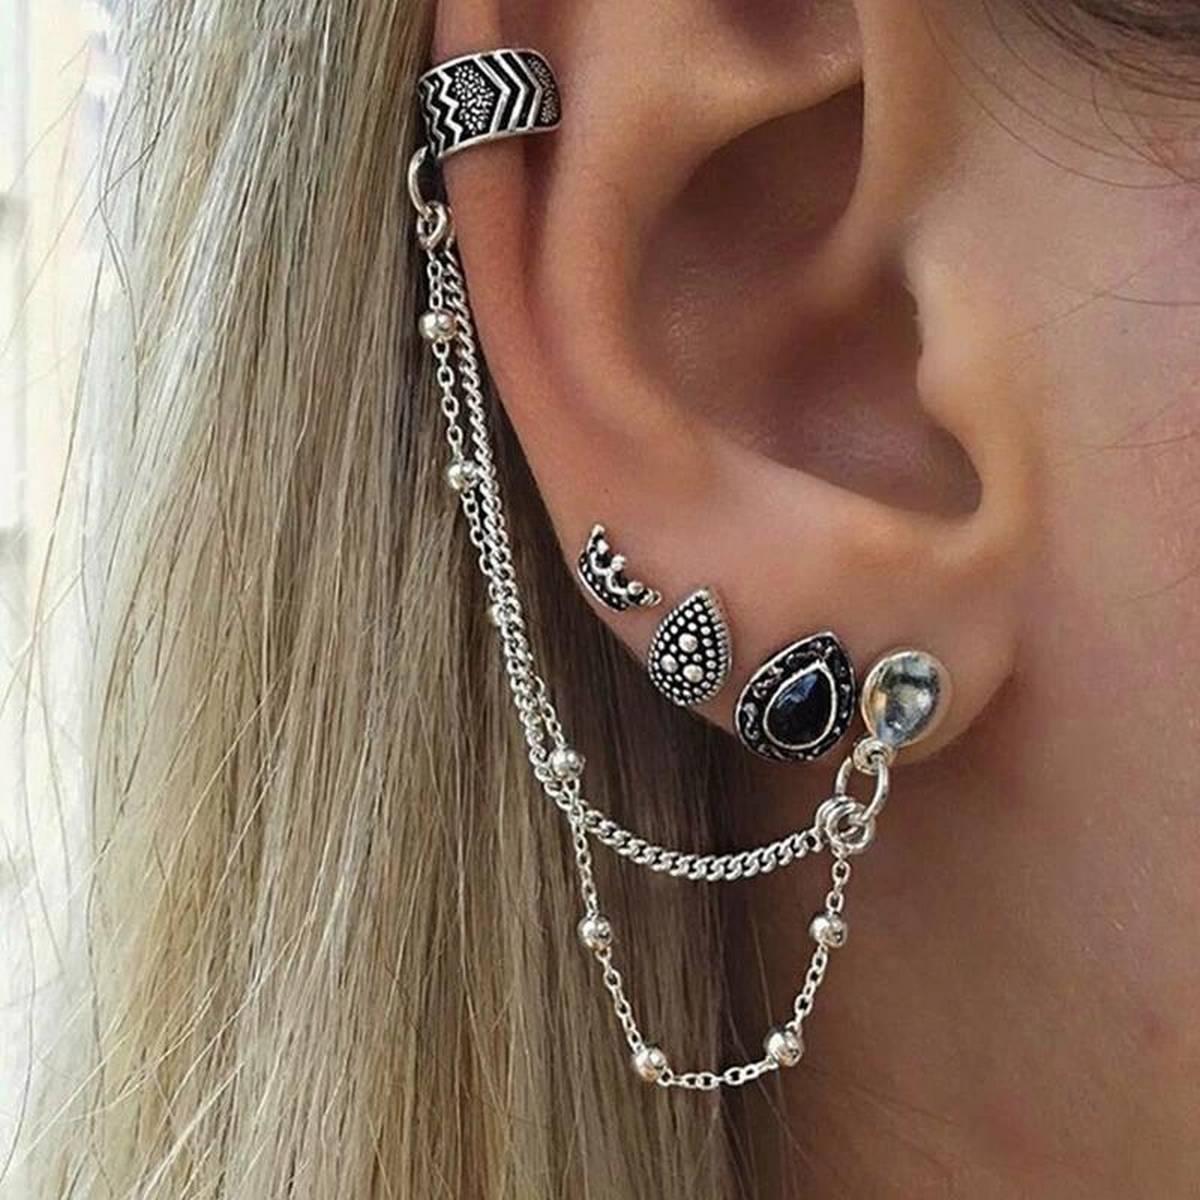 Antique Silver Chain Girls EarCuff Korean Trendy Fashion Jewellery Women Earrings - 01 Piece